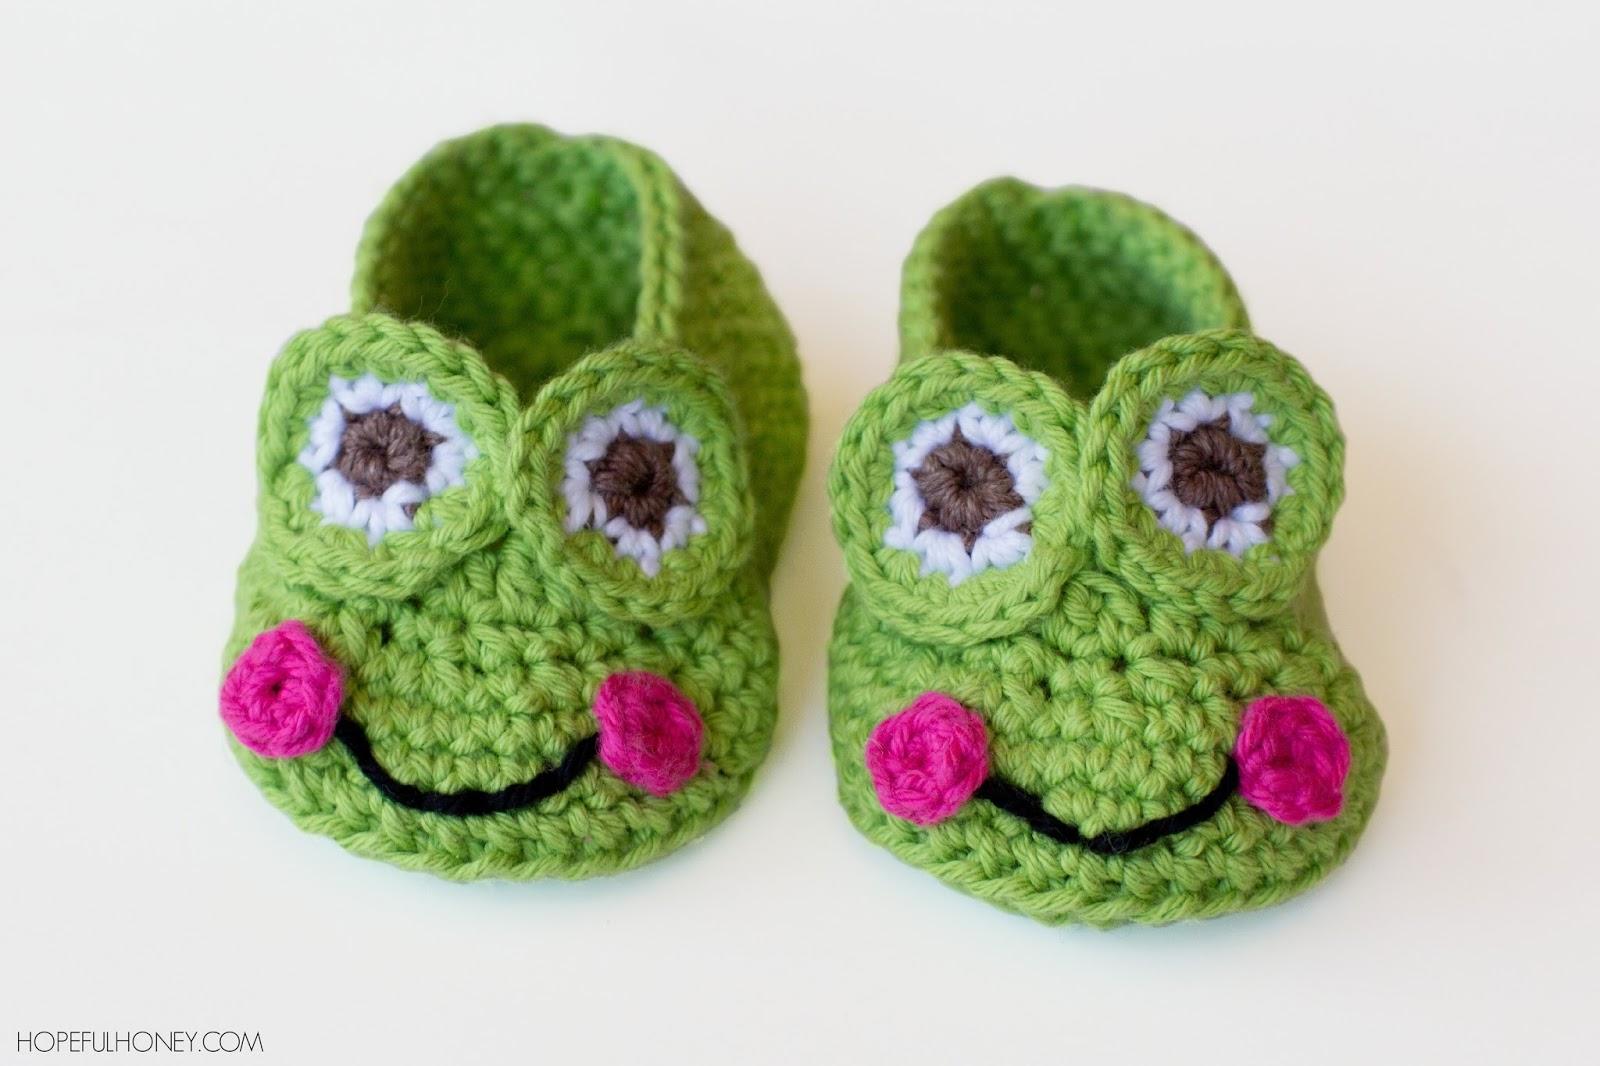 Homemade Hello Kitty Crochet Slippers